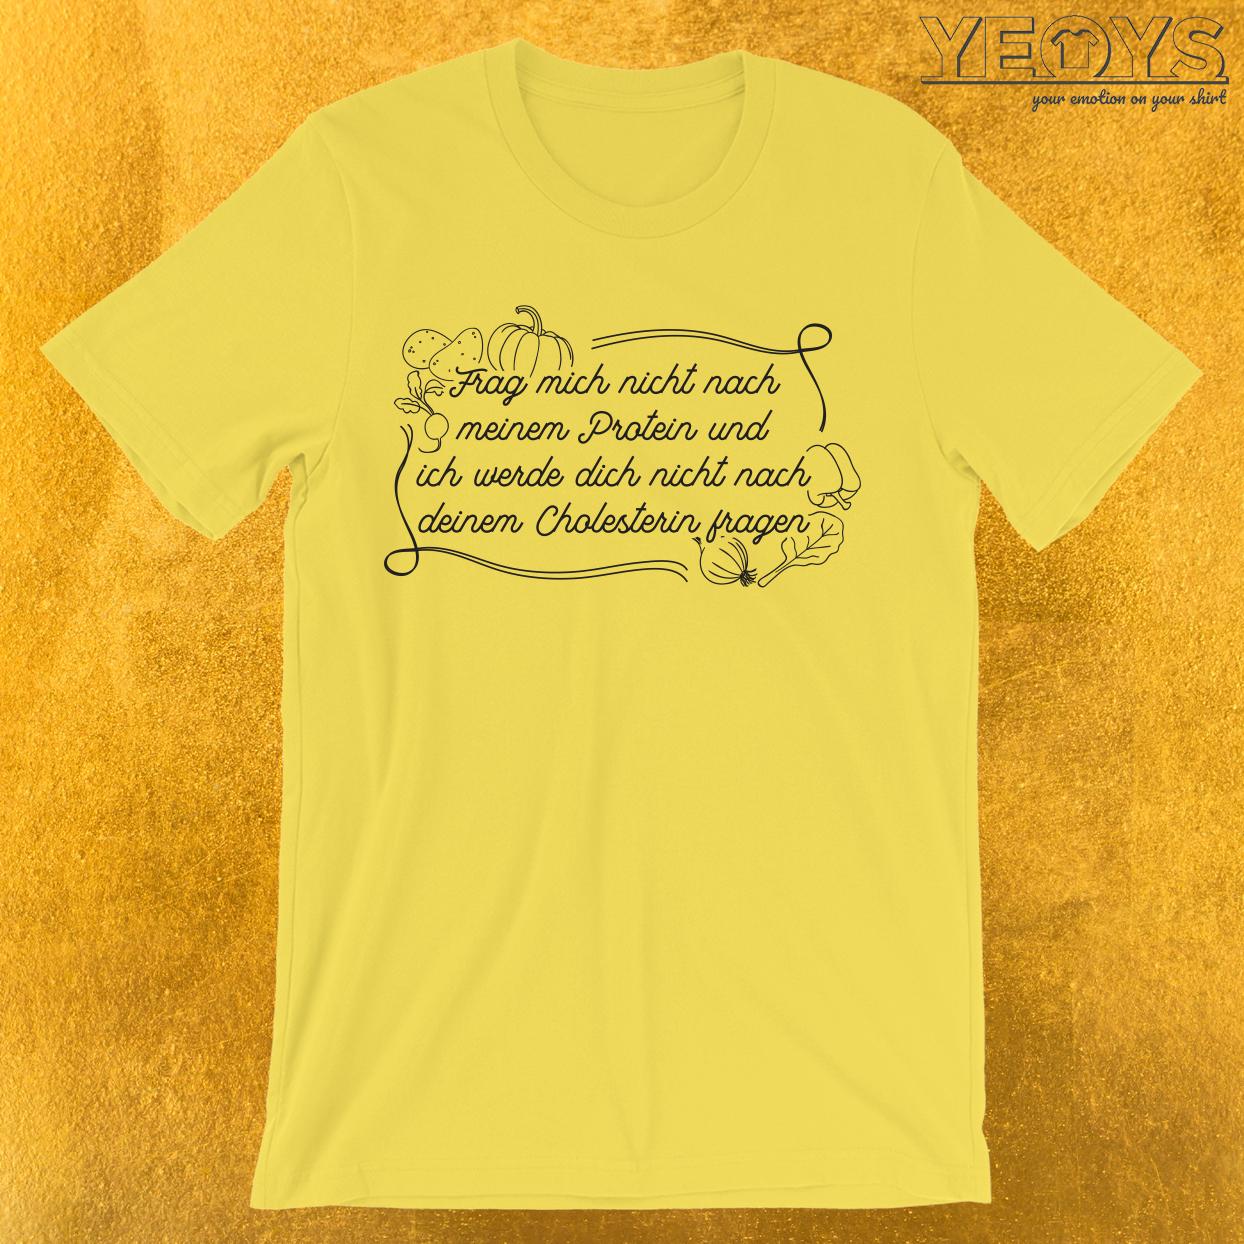 Frag mich nicht nach meinem Protein T-Shirt